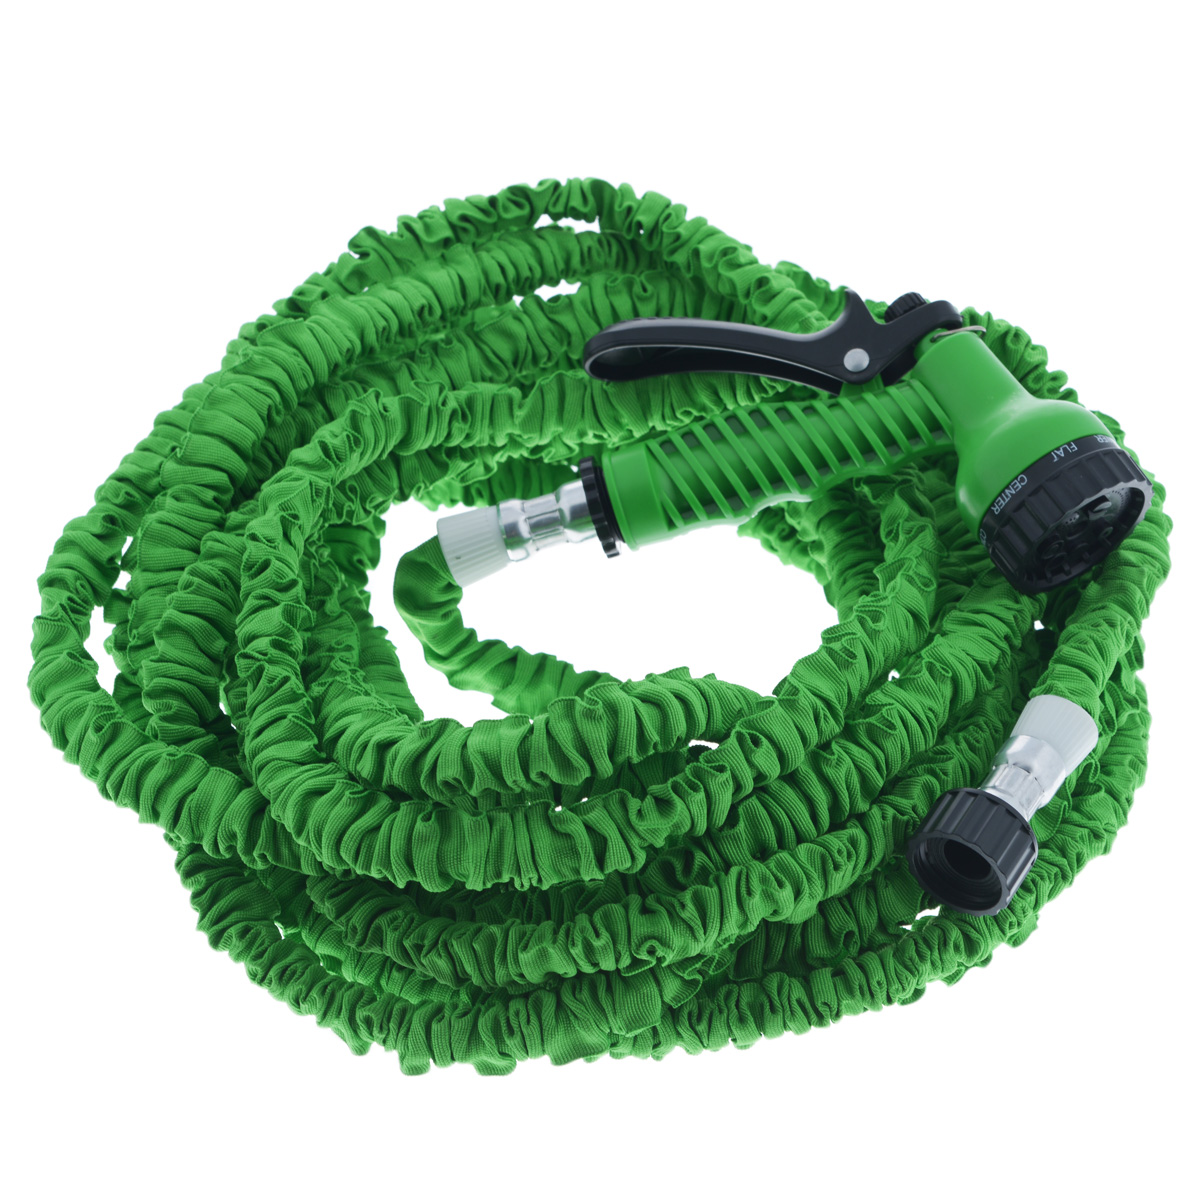 Шланг садовый Mayer & Boch, цвет: зеленый, 15-45 м2.645-241.0Садовый шланг Mayer & Boch - это прекрасный шланг, удлиняющийся в 3 раза. Подключите шланг к крану и можете приступать к использованию. Очень легкий вес, что делает шланг еще более удобным в эксплуатации. Внутри шланг выполнен из латекса, снаружи полиэстер. Шланг подходит как для полива рассады, цветов, газонов, так и для мытья машины.Особенности: - удобный и легкий, - растягивается в длину при поступлении воды, - автоматически возвращается в исходный размер, - подключается к стандартным кранам, - не перекручивается, не заламывается, не путается, - гибкий, - удобная сборка, - удлиняется в 3 раза.Распылительные насадки в комплект не входят.Длина шланга без воды: 15 м.Длина шланга при наполнении водой: 45 м.